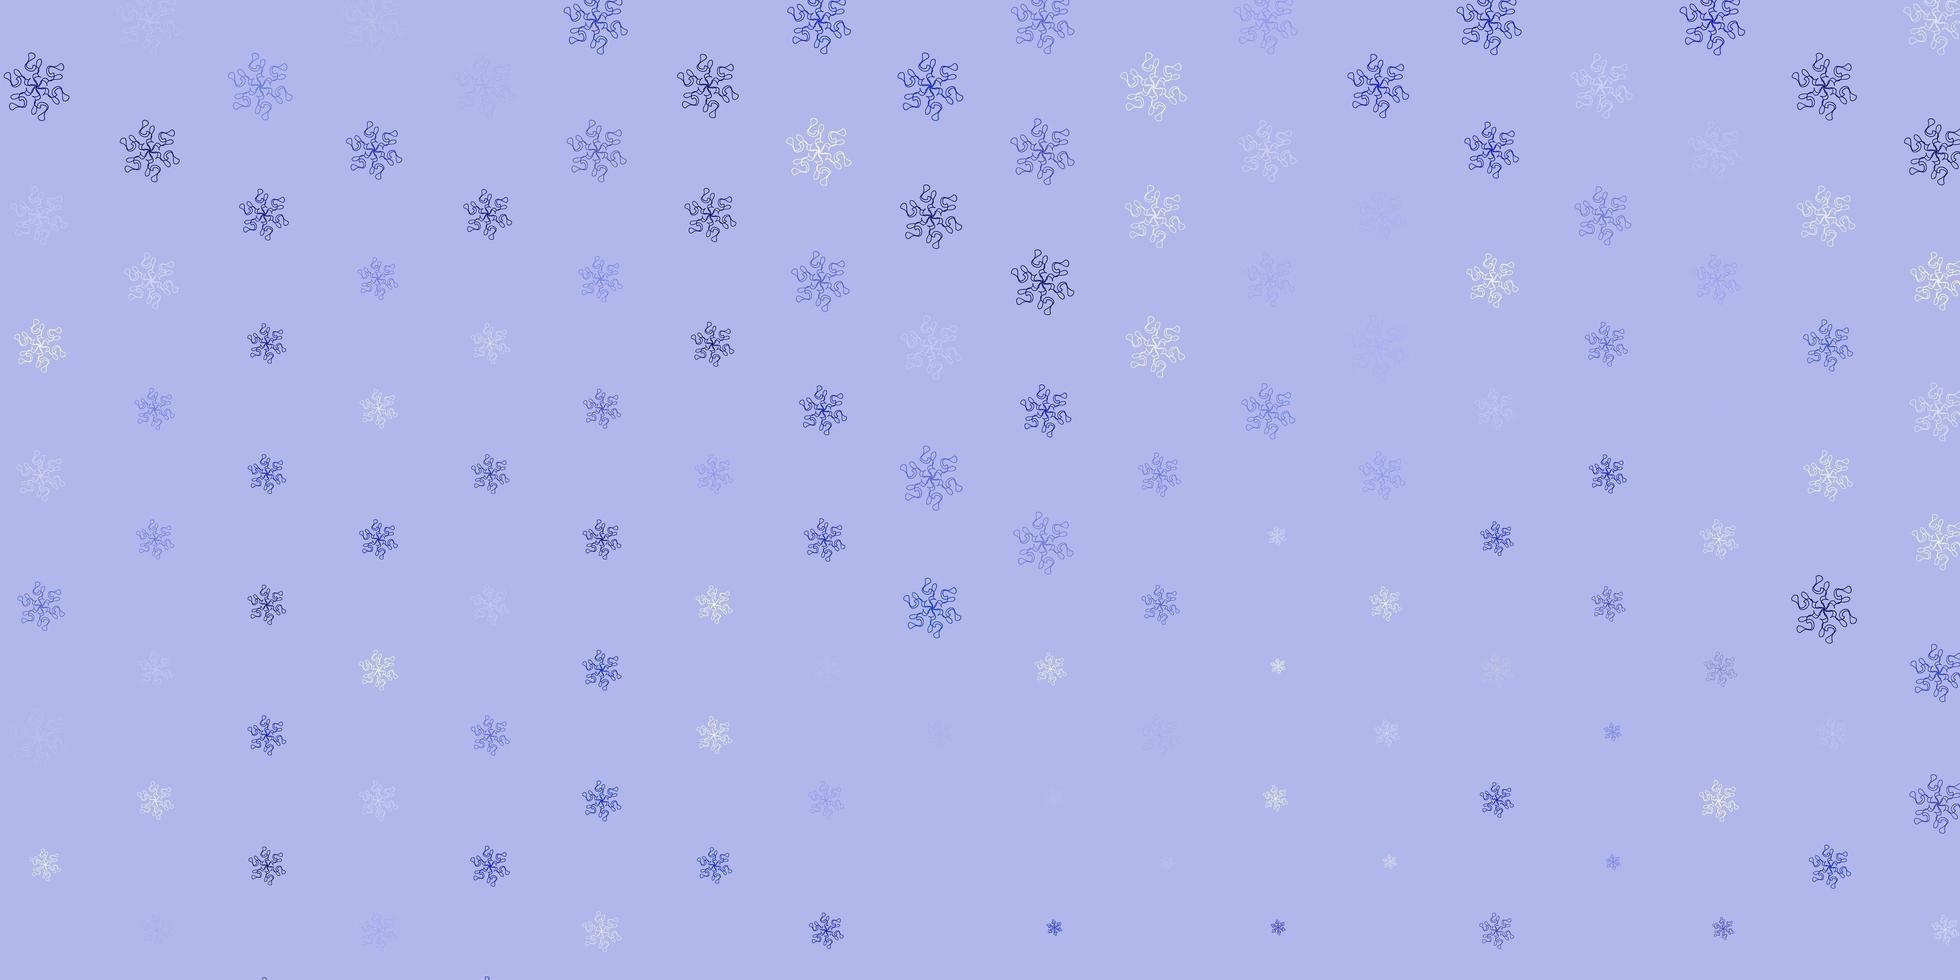 sfondo naturale vettoriale azzurro con fiori.